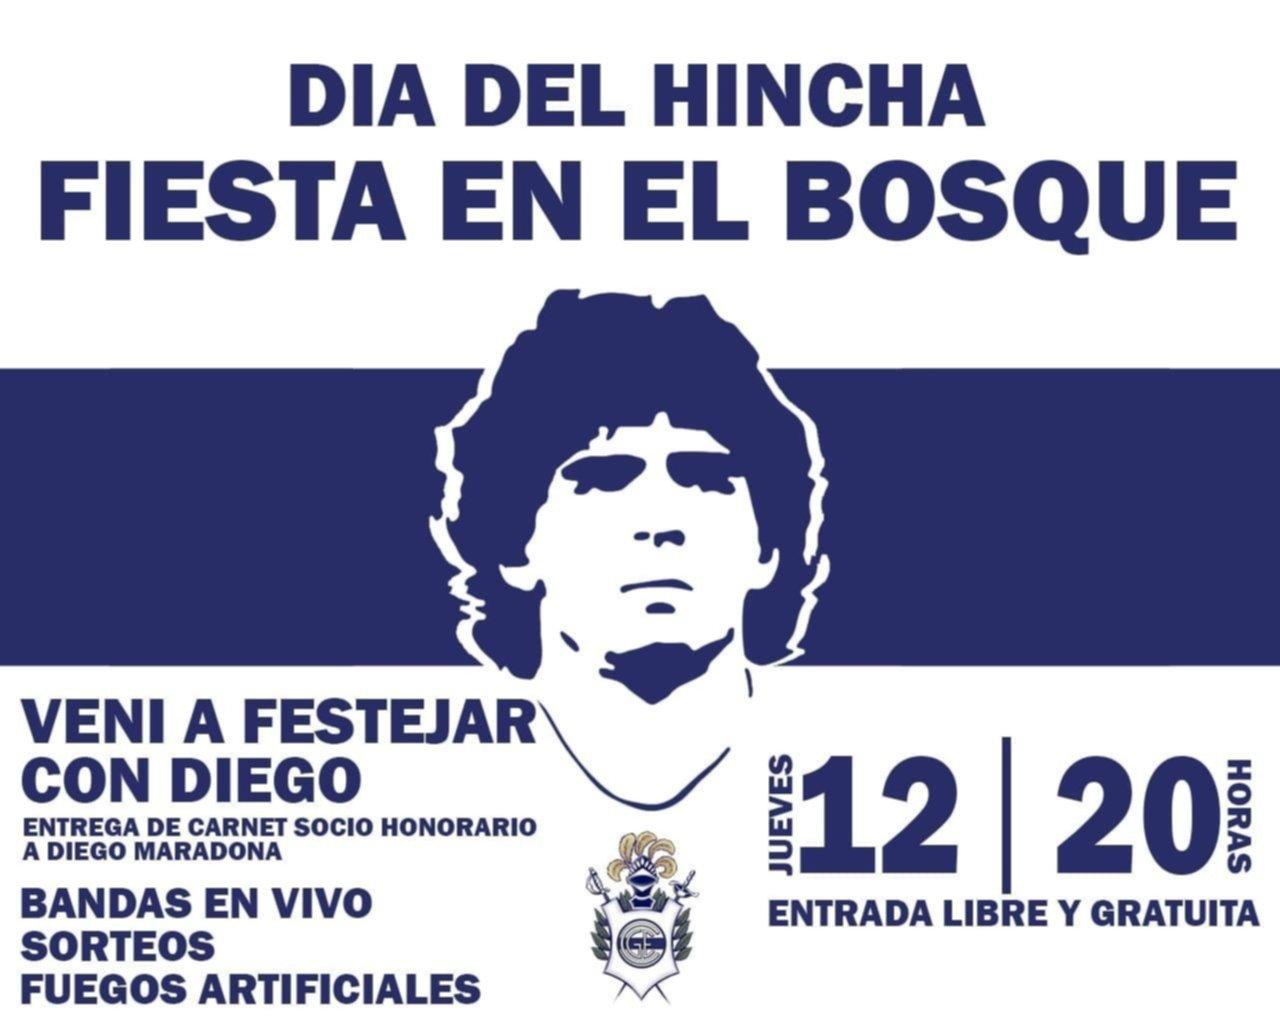 Día del Hincha con carnet de socio honorario para Maradona